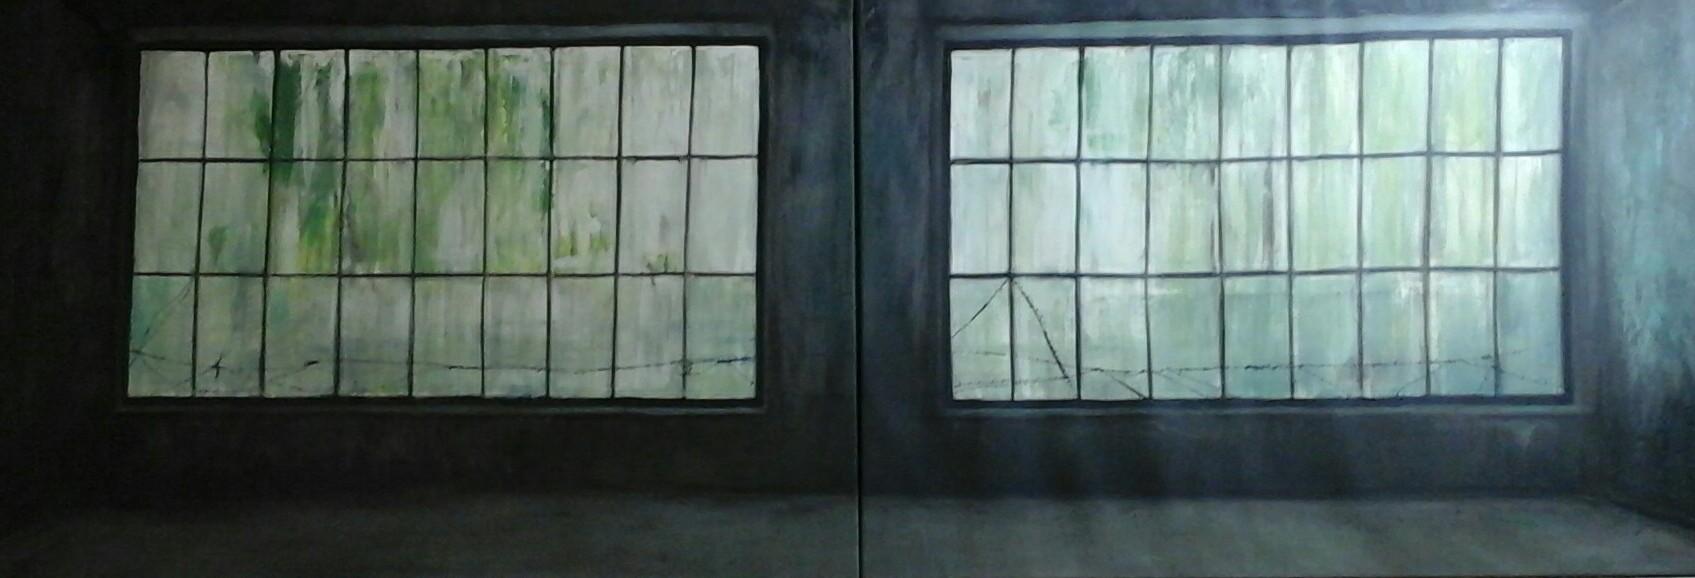 Ohne Titel 120 x 260 cm